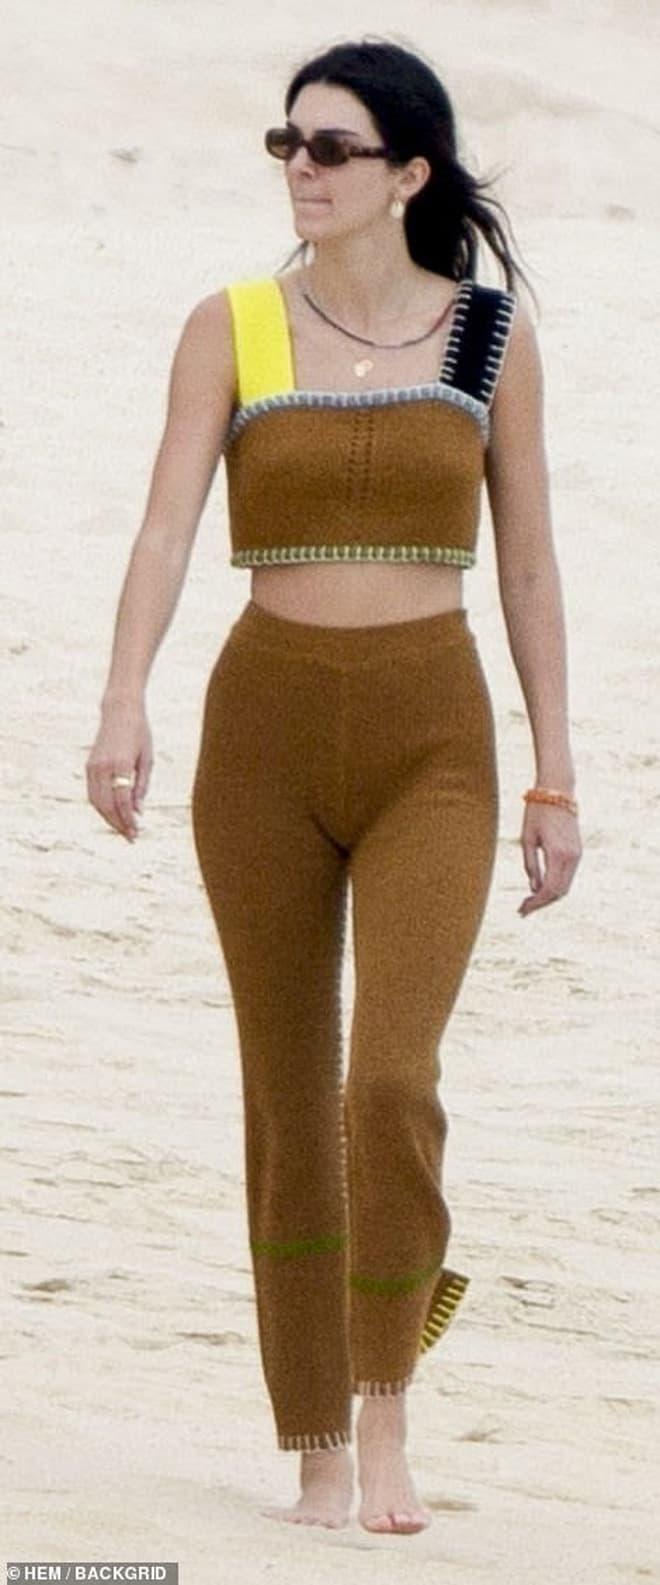 Bà xã Justin Bieber đi biển cùng bạn thân siêu mẫu Kendall, cư dân mang so sánh từ body đến ảnh mặt mộc 7